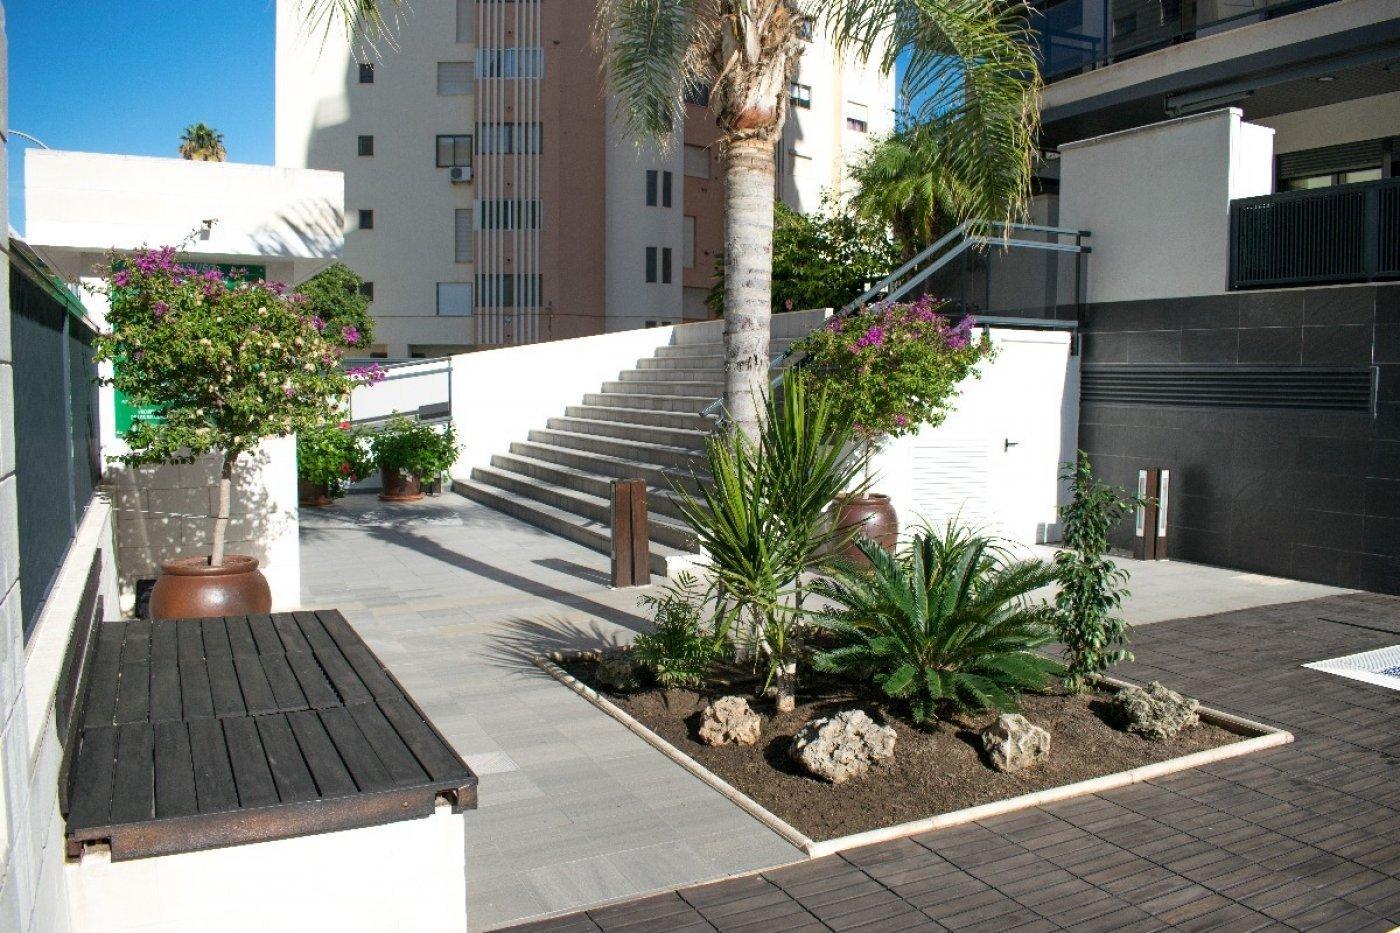 Apartamento en playa de gandia con piscina comunitaria y garaje incluido - imagenInmueble3